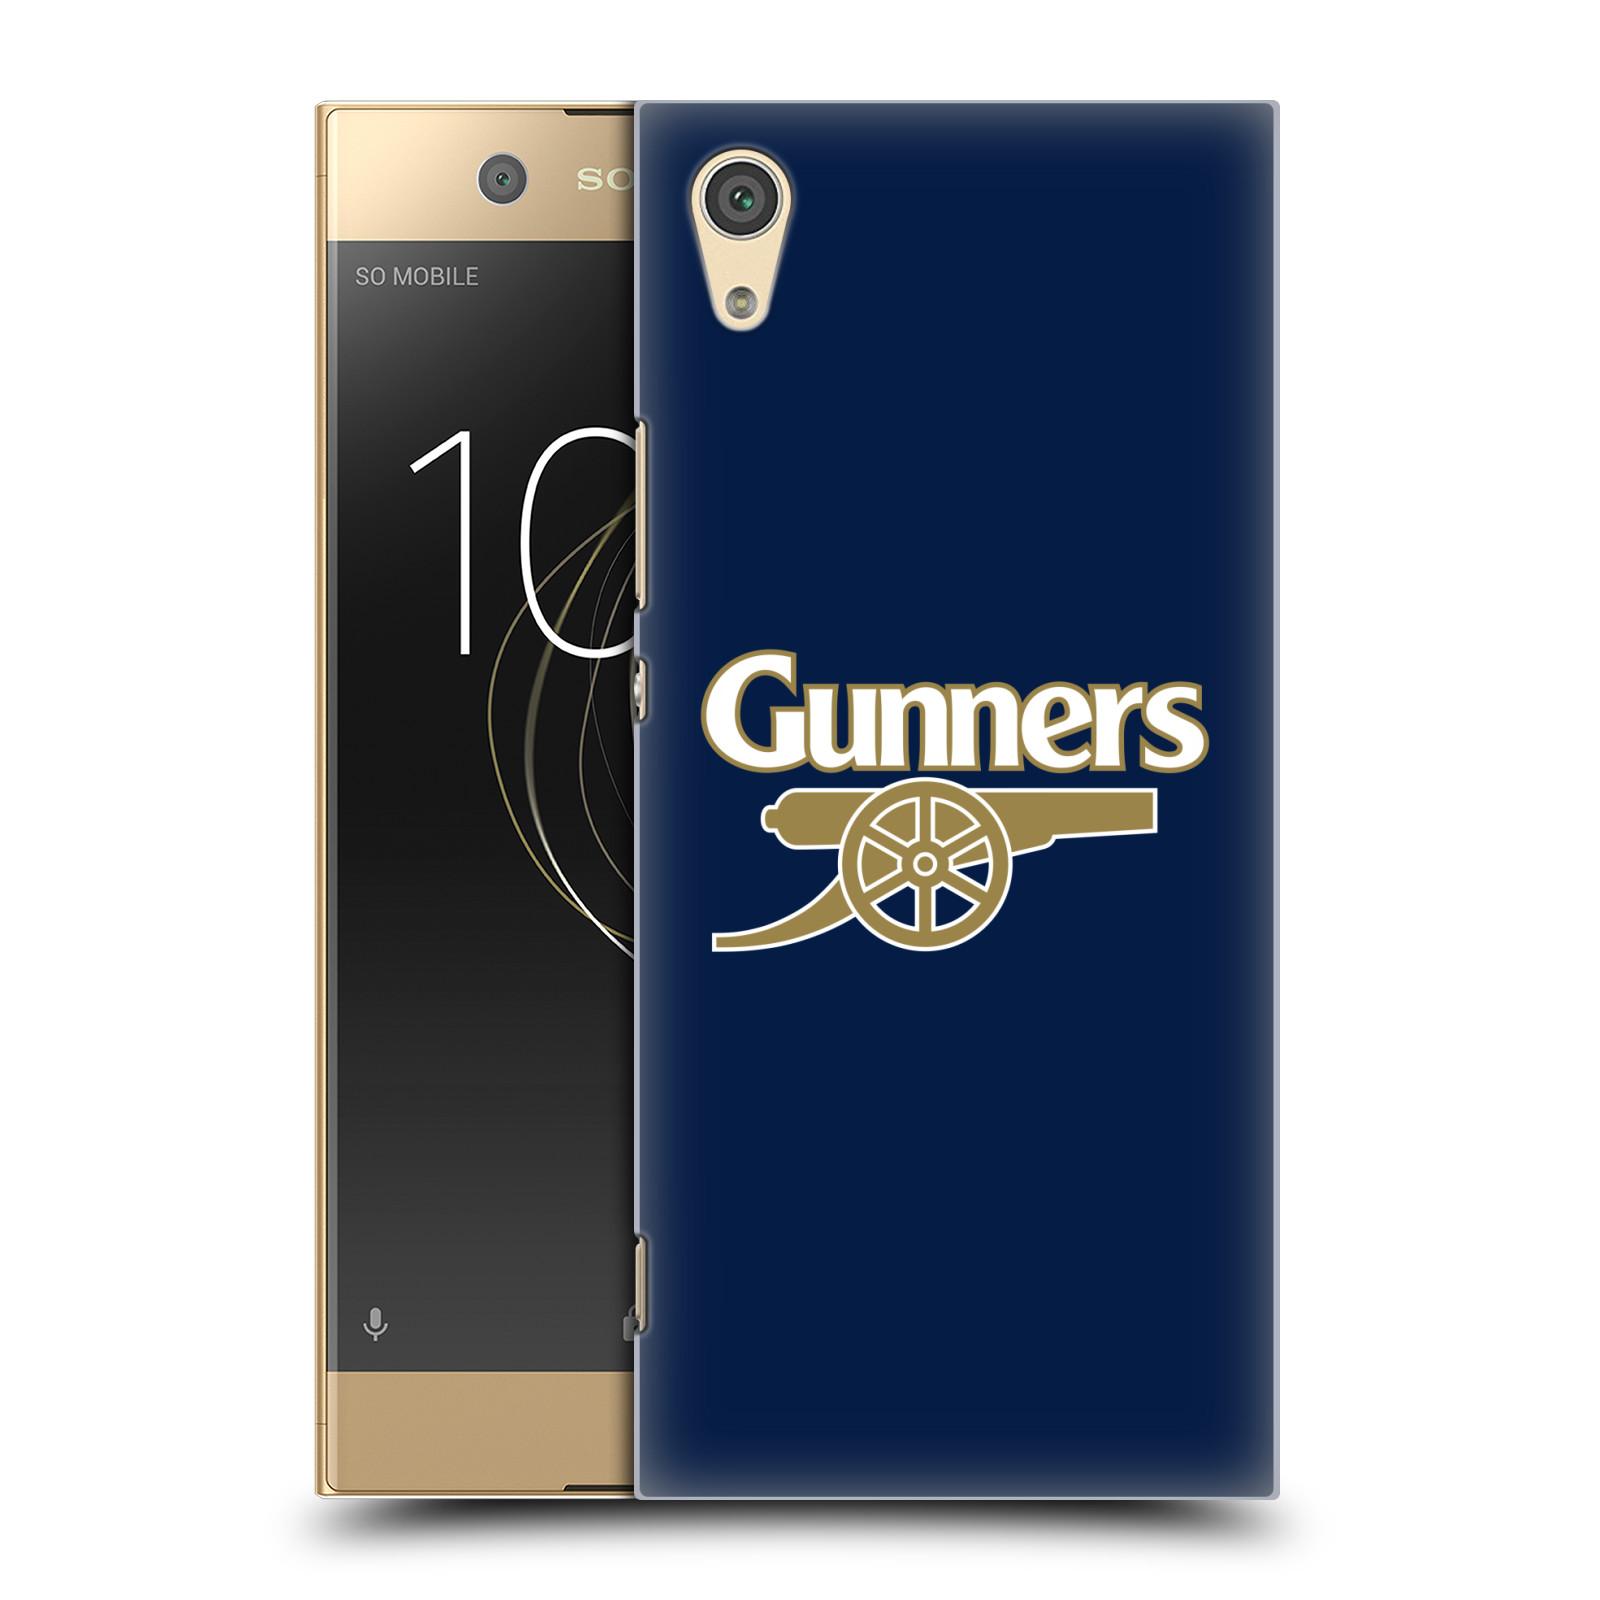 Plastové pouzdro na mobil Sony Xperia XA1 - Head Case - Arsenal FC - Gunners (Plastový kryt či obal na mobilní telefon Sony Xperia XA1 G3121 s motivem Arsenal FC - Gunners)